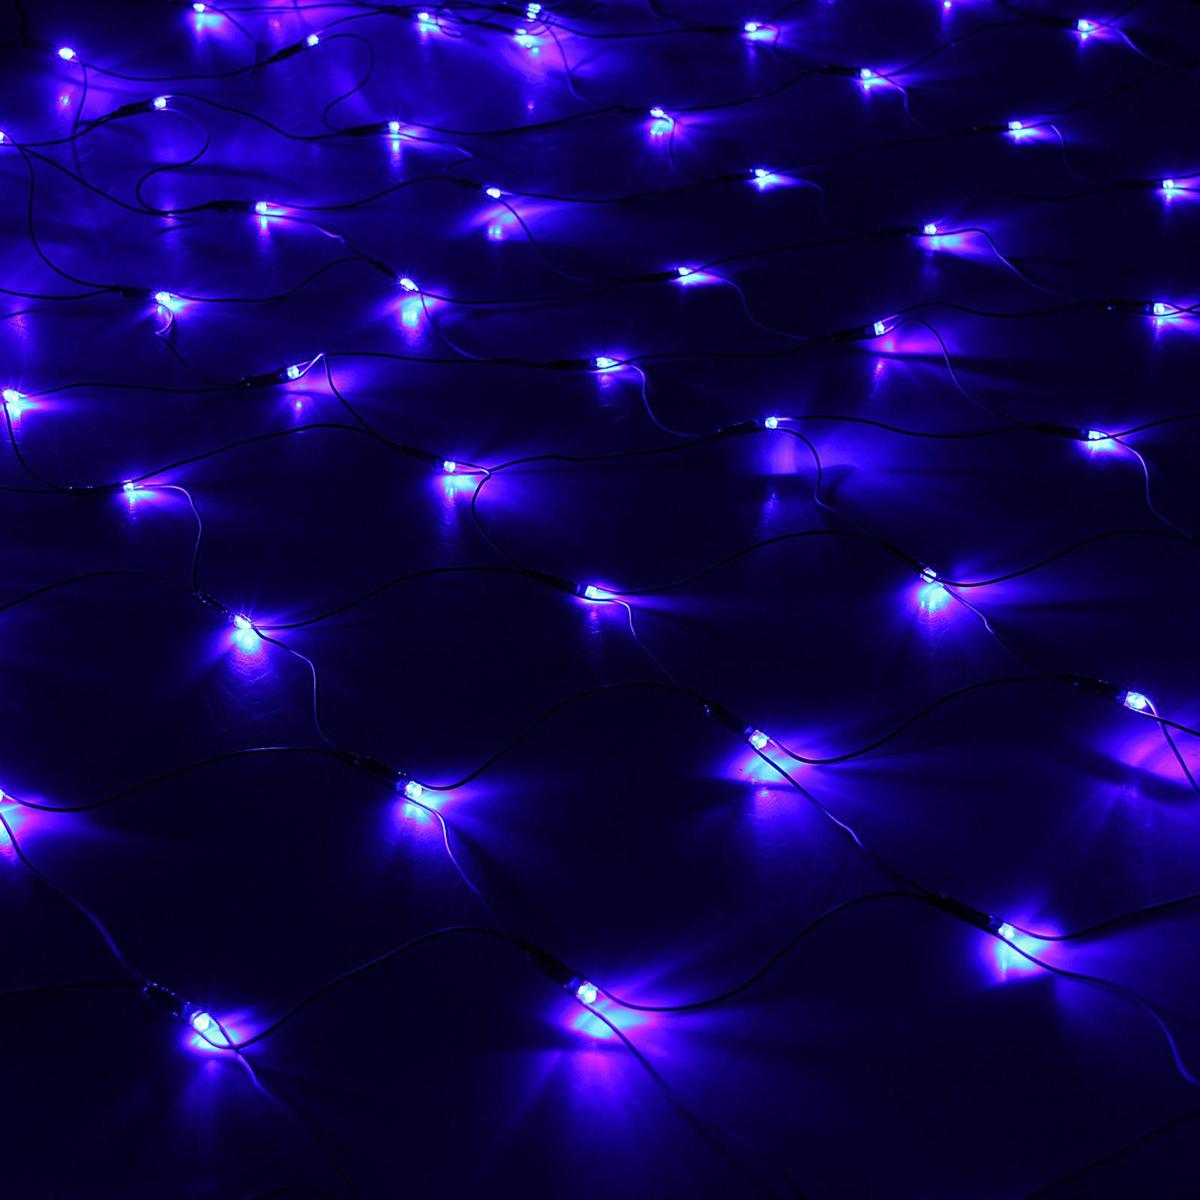 Гирлянда Luazon Сетка, длина 2 м, LED 224 лампы, 220V, цвет: синий1585754Светодиодные гирлянды, ленты и т.д — это отличный вариант для новогоднего оформления интерьера или фасада. С их помощью помещение любого размера можно превратить в праздничный зал, а внешние элементы зданий, украшенные ими, мгновенно станут напоминать очертания сказочного дворца. Такие украшения создают ауру предвкушения чуда. Деревья, фасады, витрины, окна и арки будто специально созданы, чтобы вы украсили их светящимися нитями.